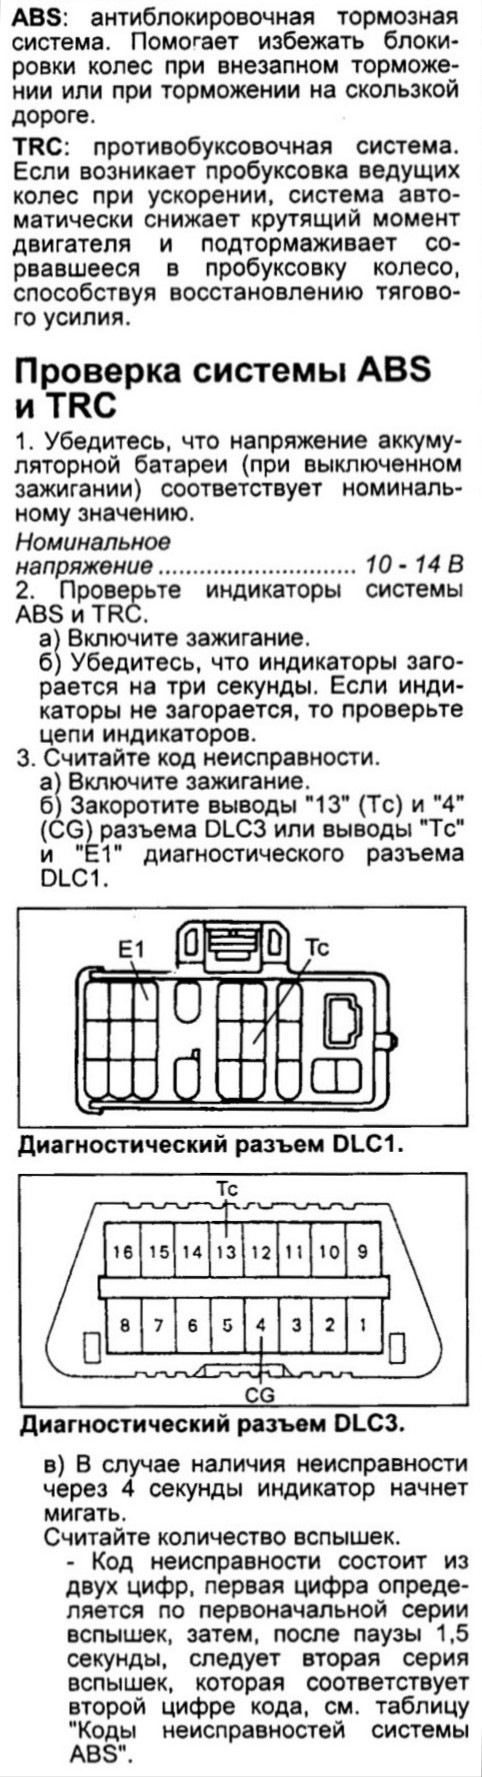 самодиагностика trc toyota